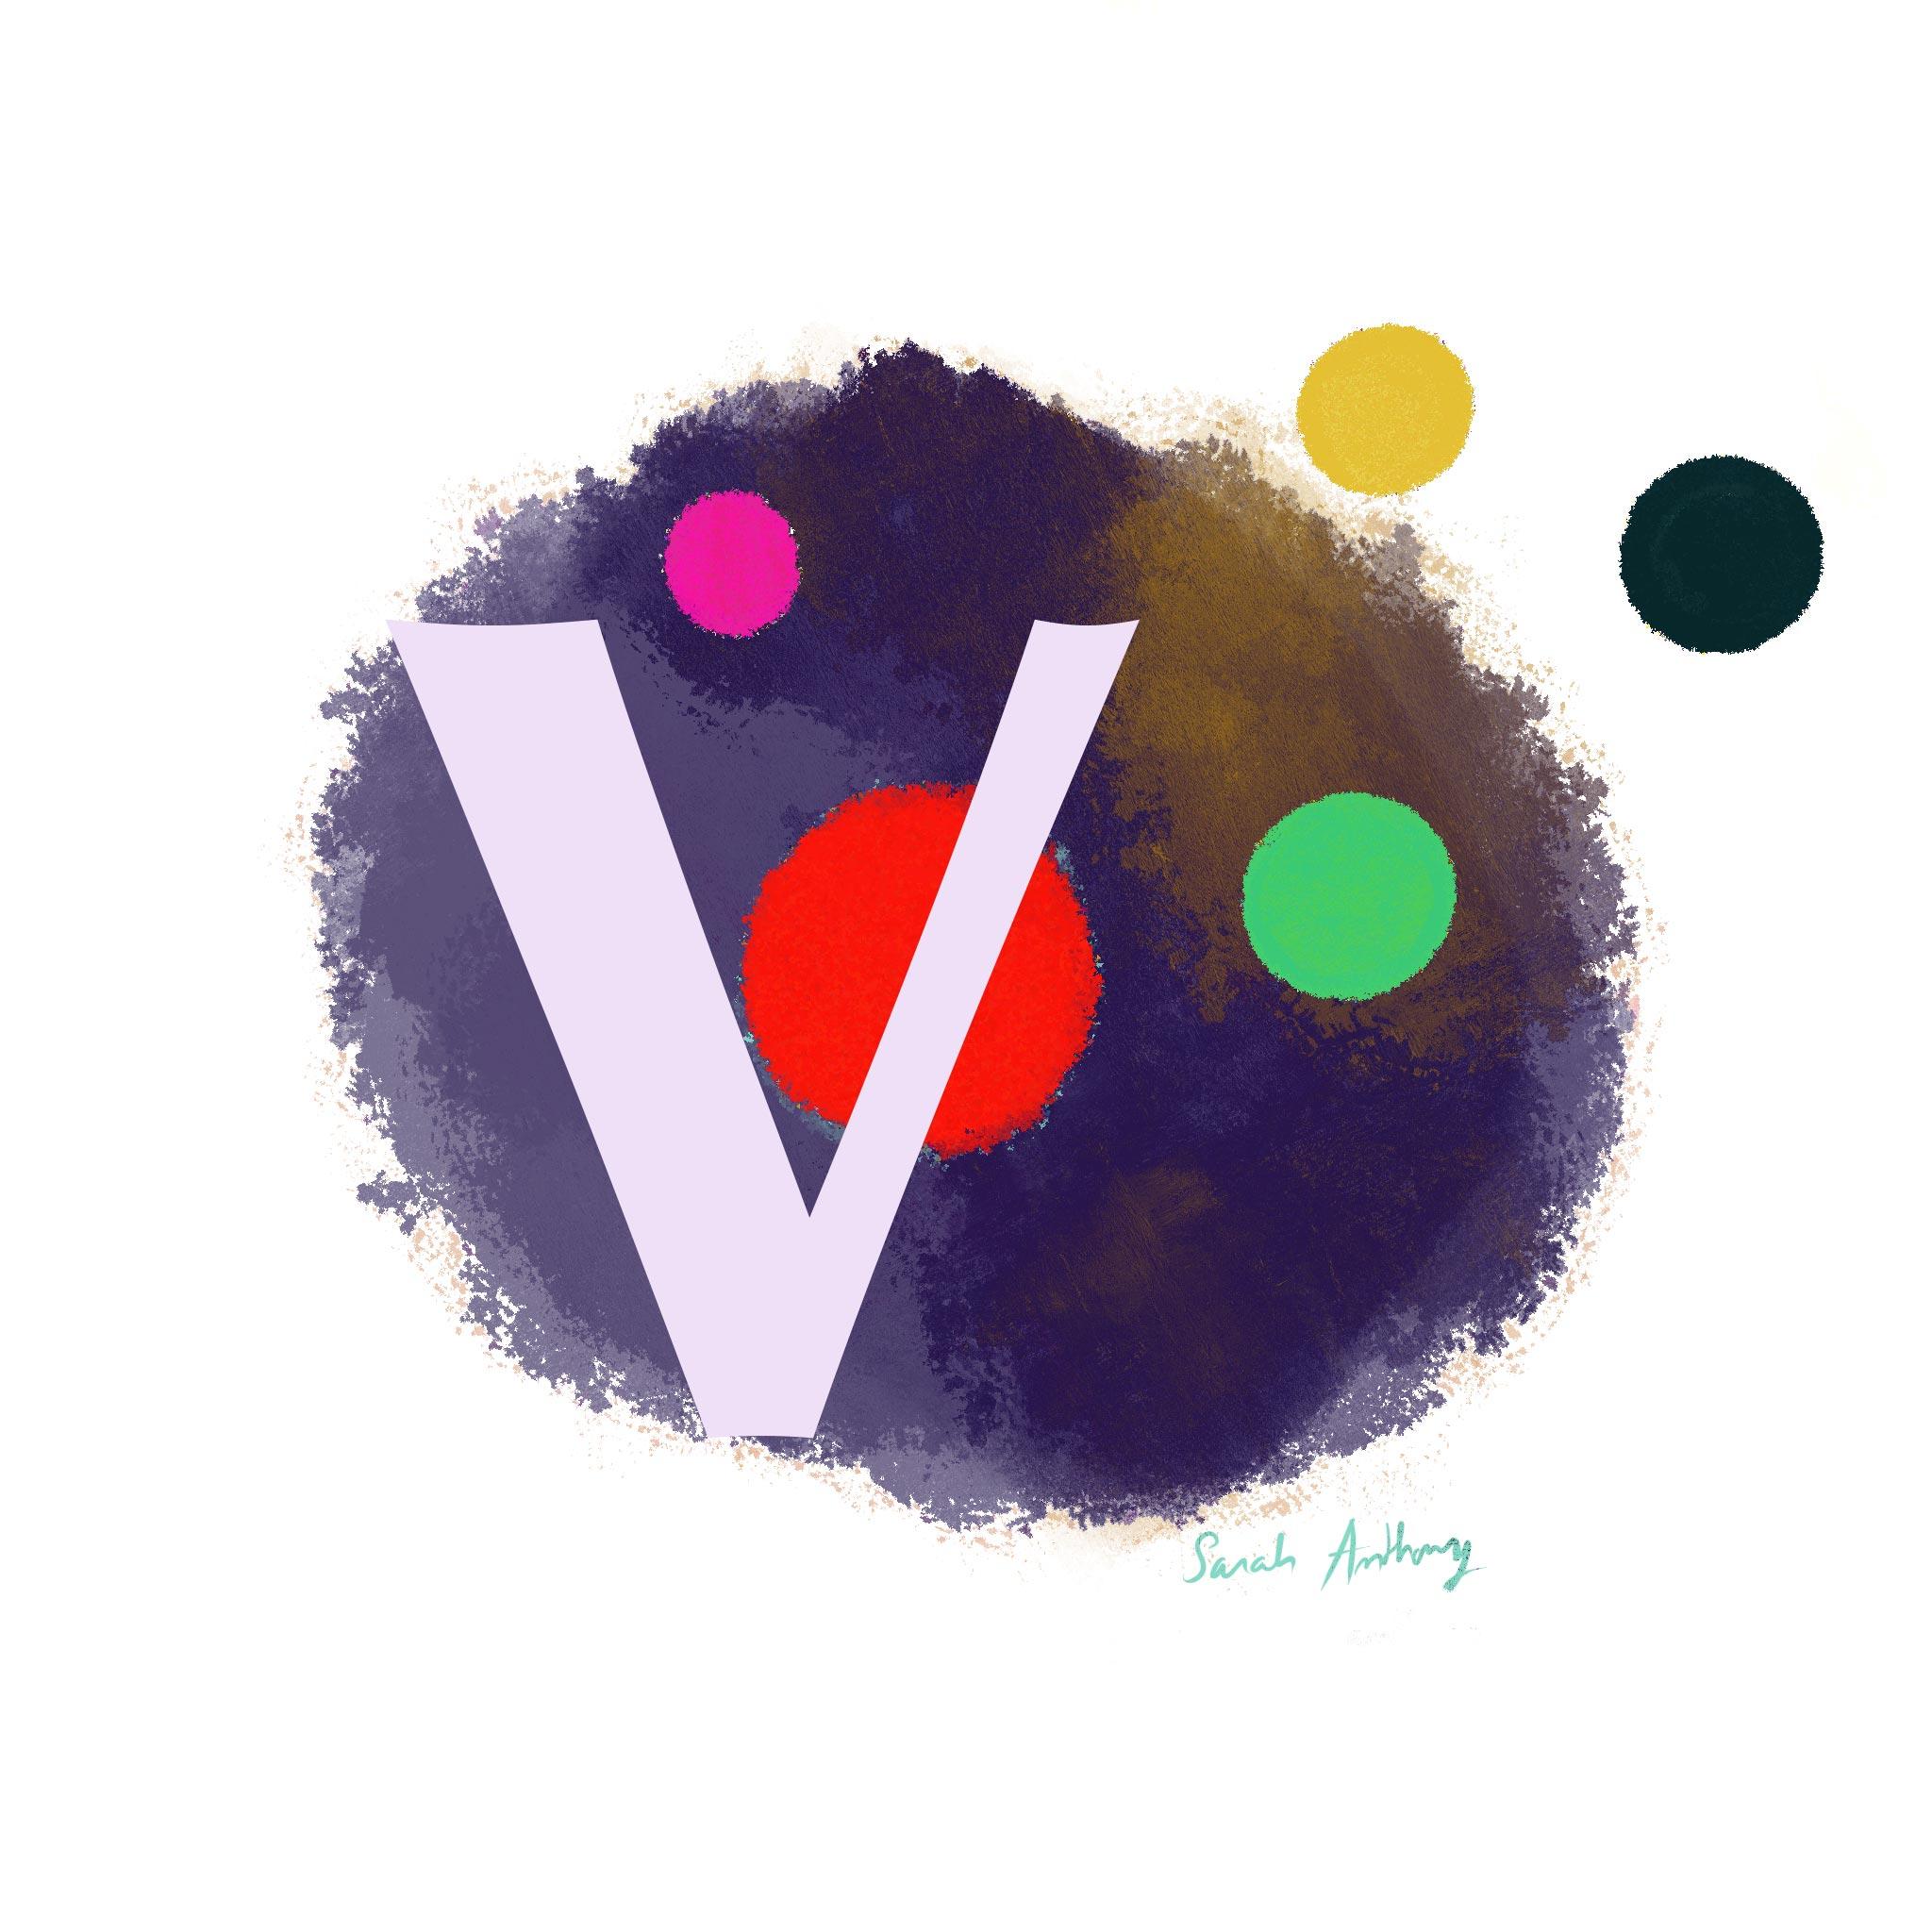 V-reduit-sarah-anthony